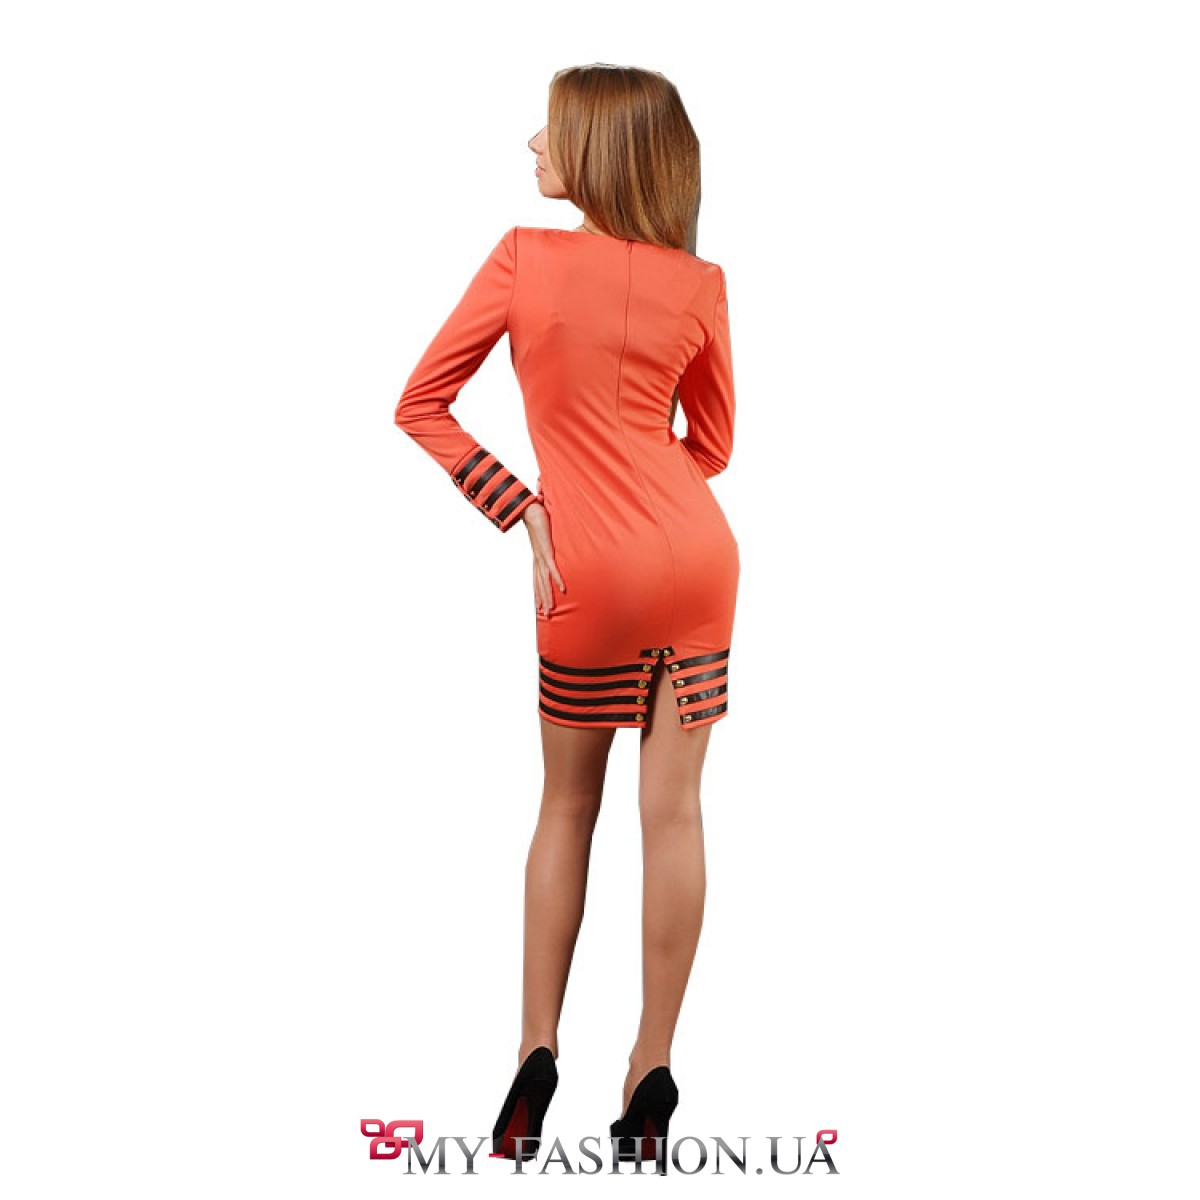 Модные платья 2017 года доставка